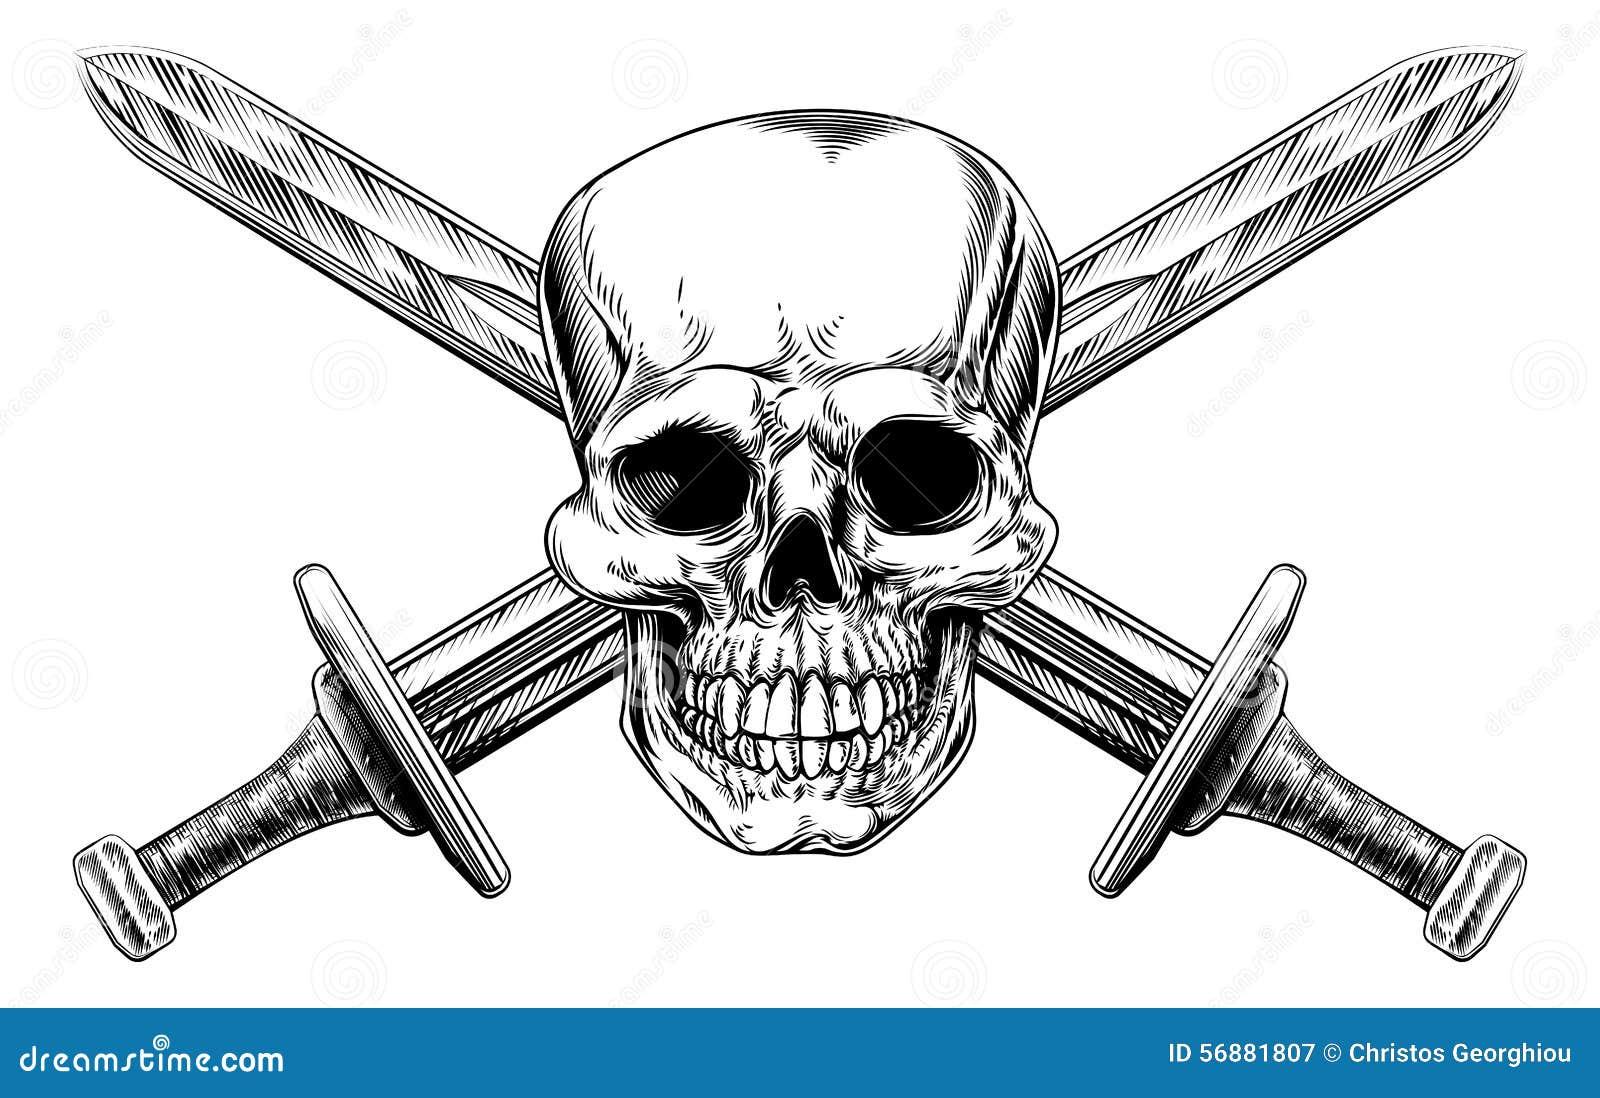 Épées croisées de crâne